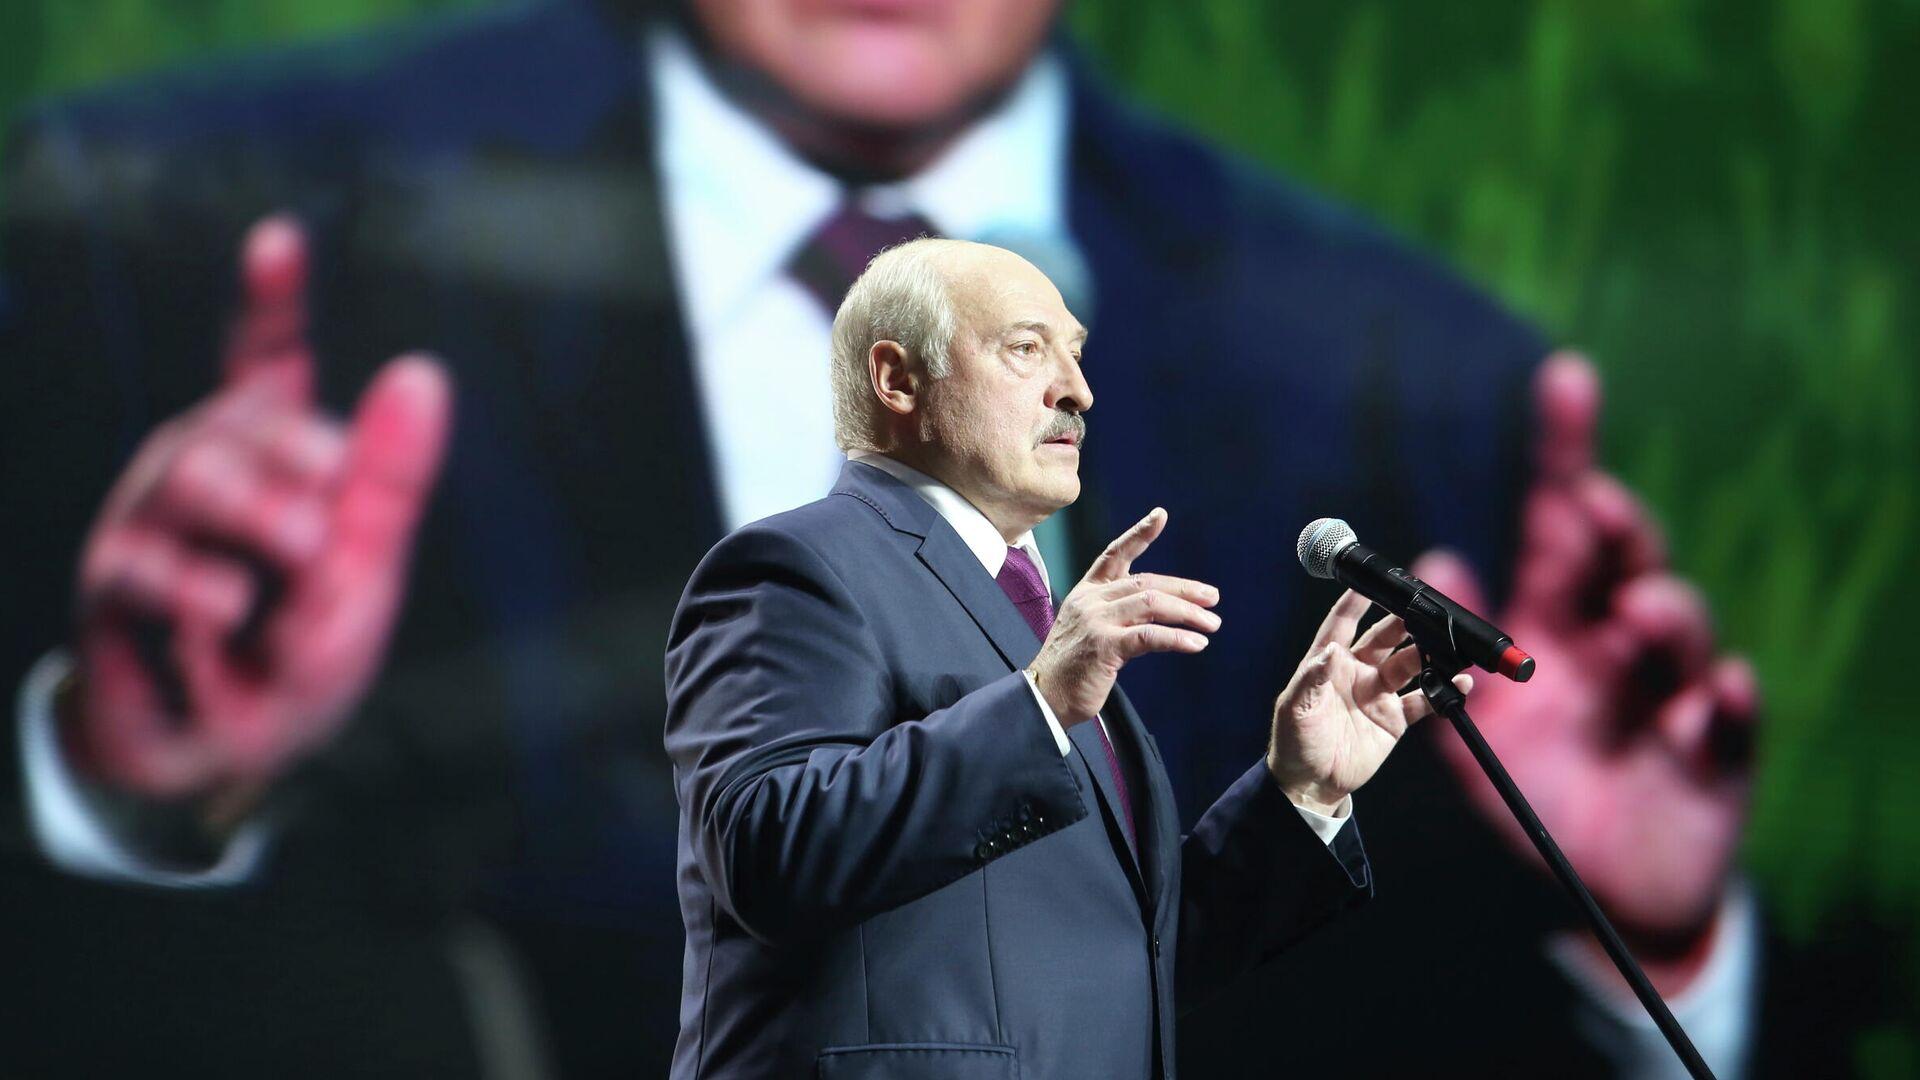 Президент Белоруссии Александр Лукашенко выступает на женском форуме в Минске. 17 сентября 2020 - РИА Новости, 1920, 28.10.2020